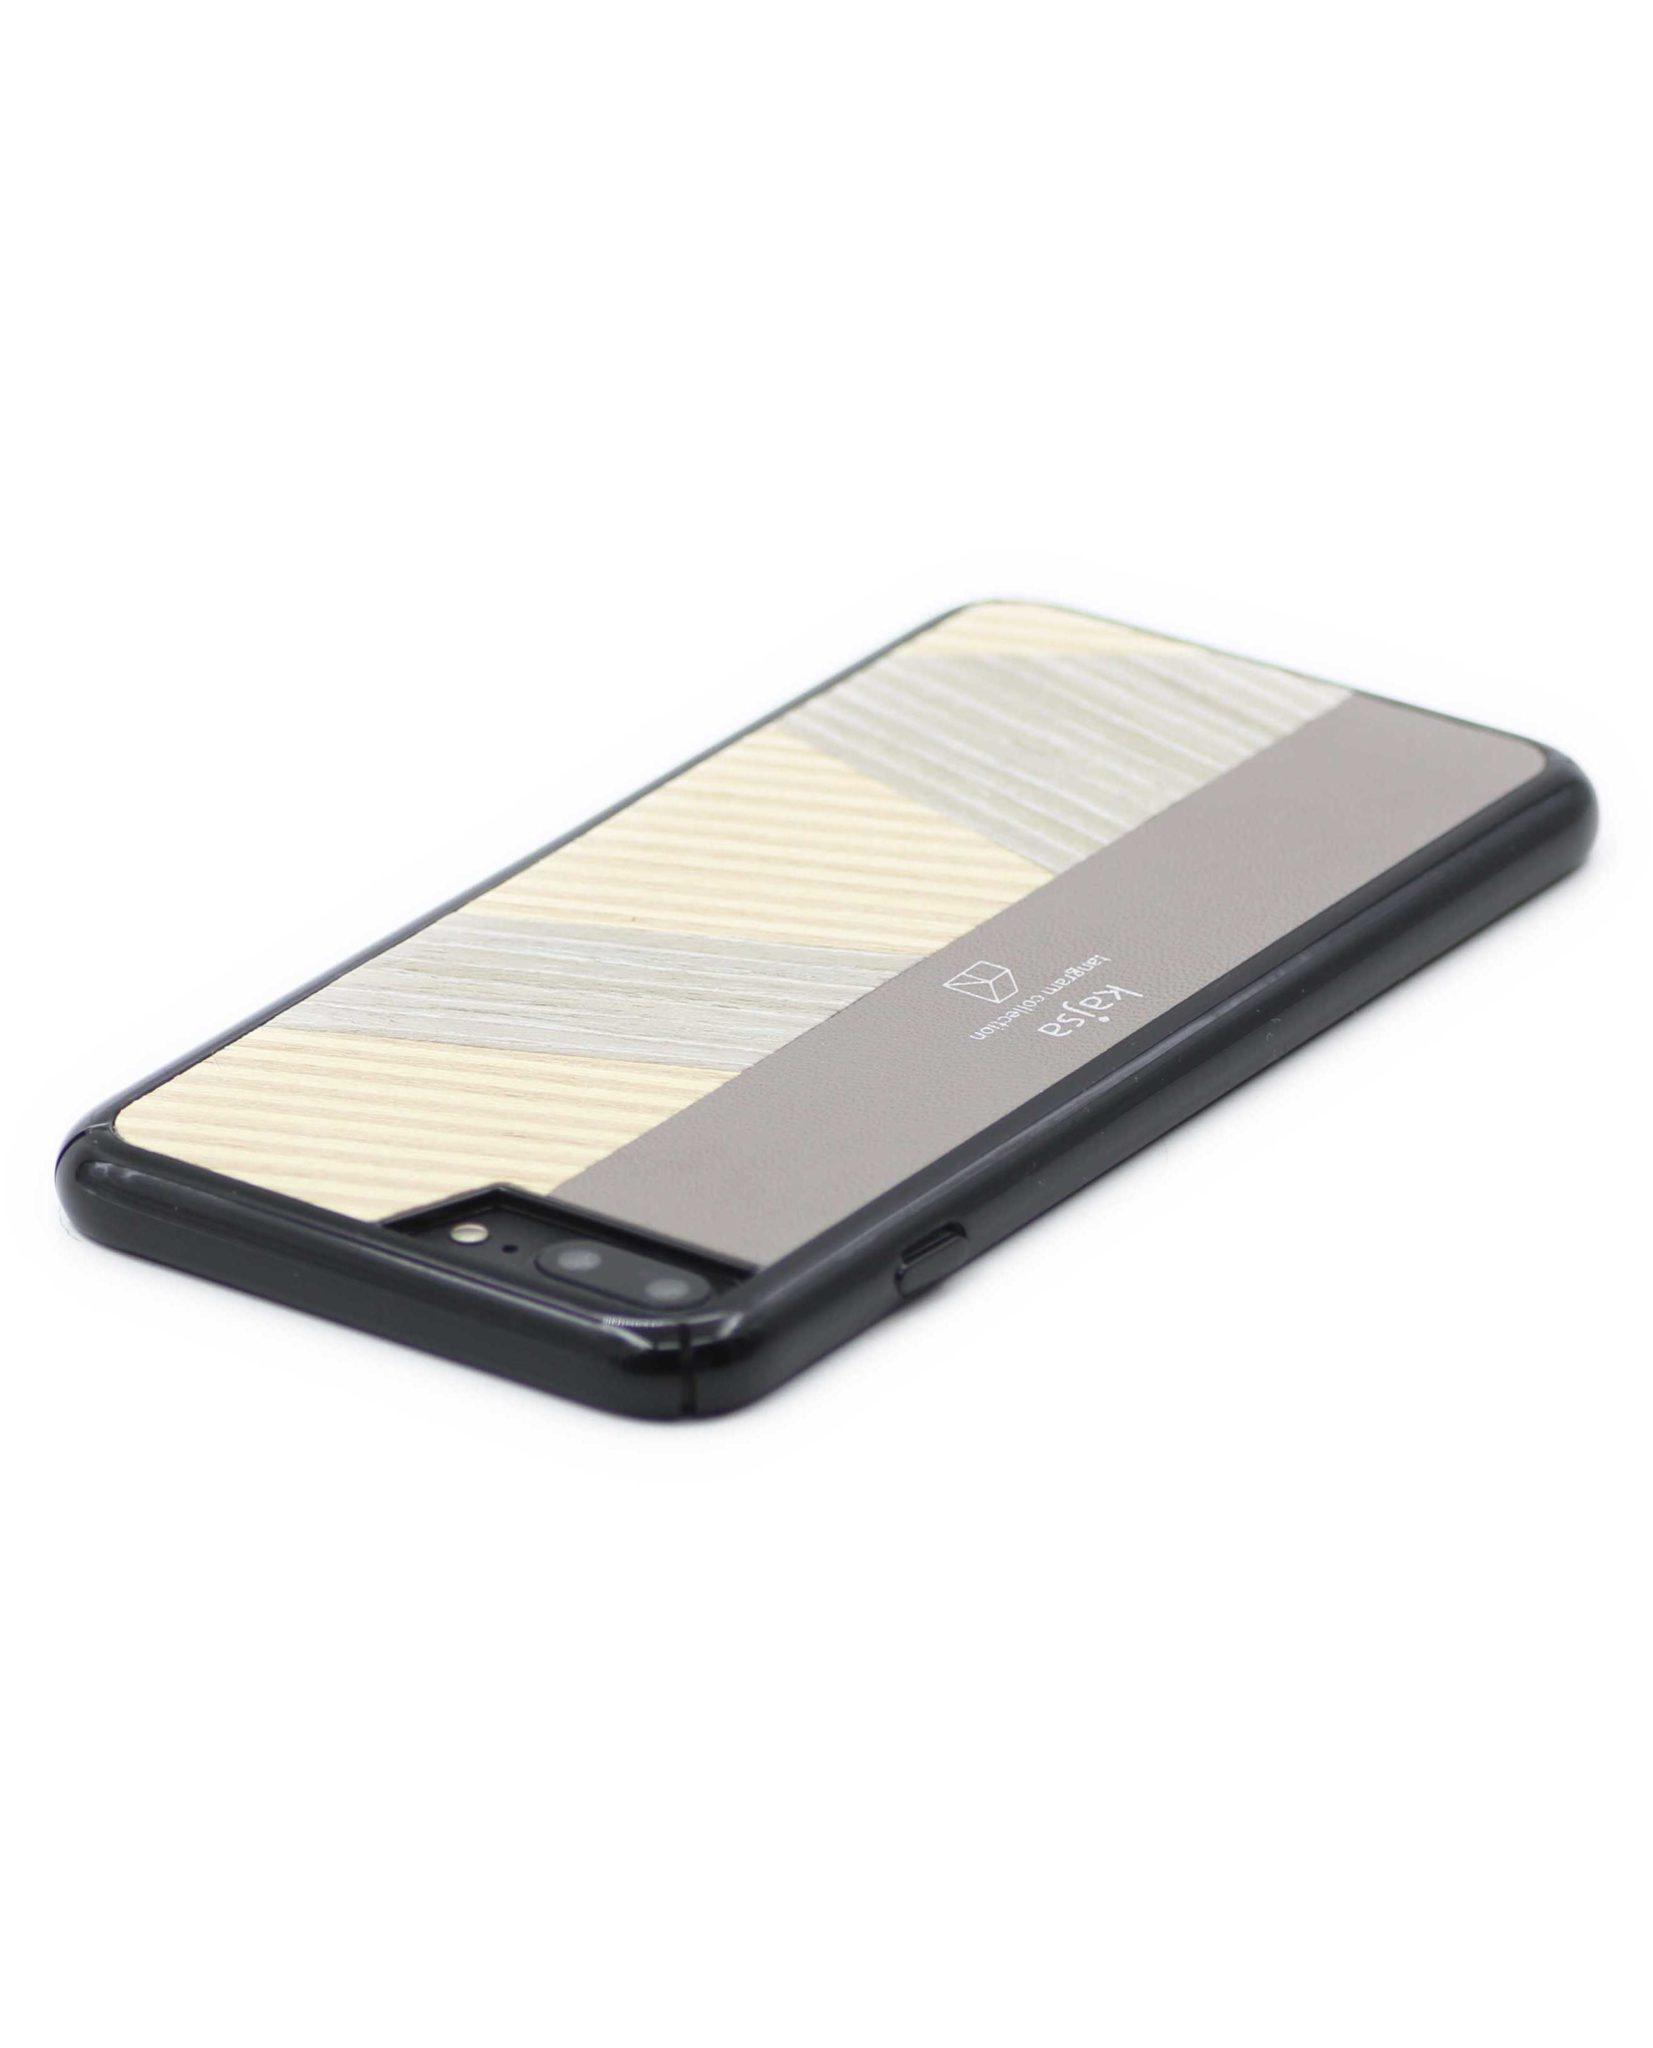 Perspektivisches Foto einer beige Schutzhülle Case aus echtem Holz kombiniert mit echtem Leder, die auf einem Tisch liegt, für das iPhone 8 Plus, das iPhone 8, das iPhone 7 und das iPhone 7 Plus.